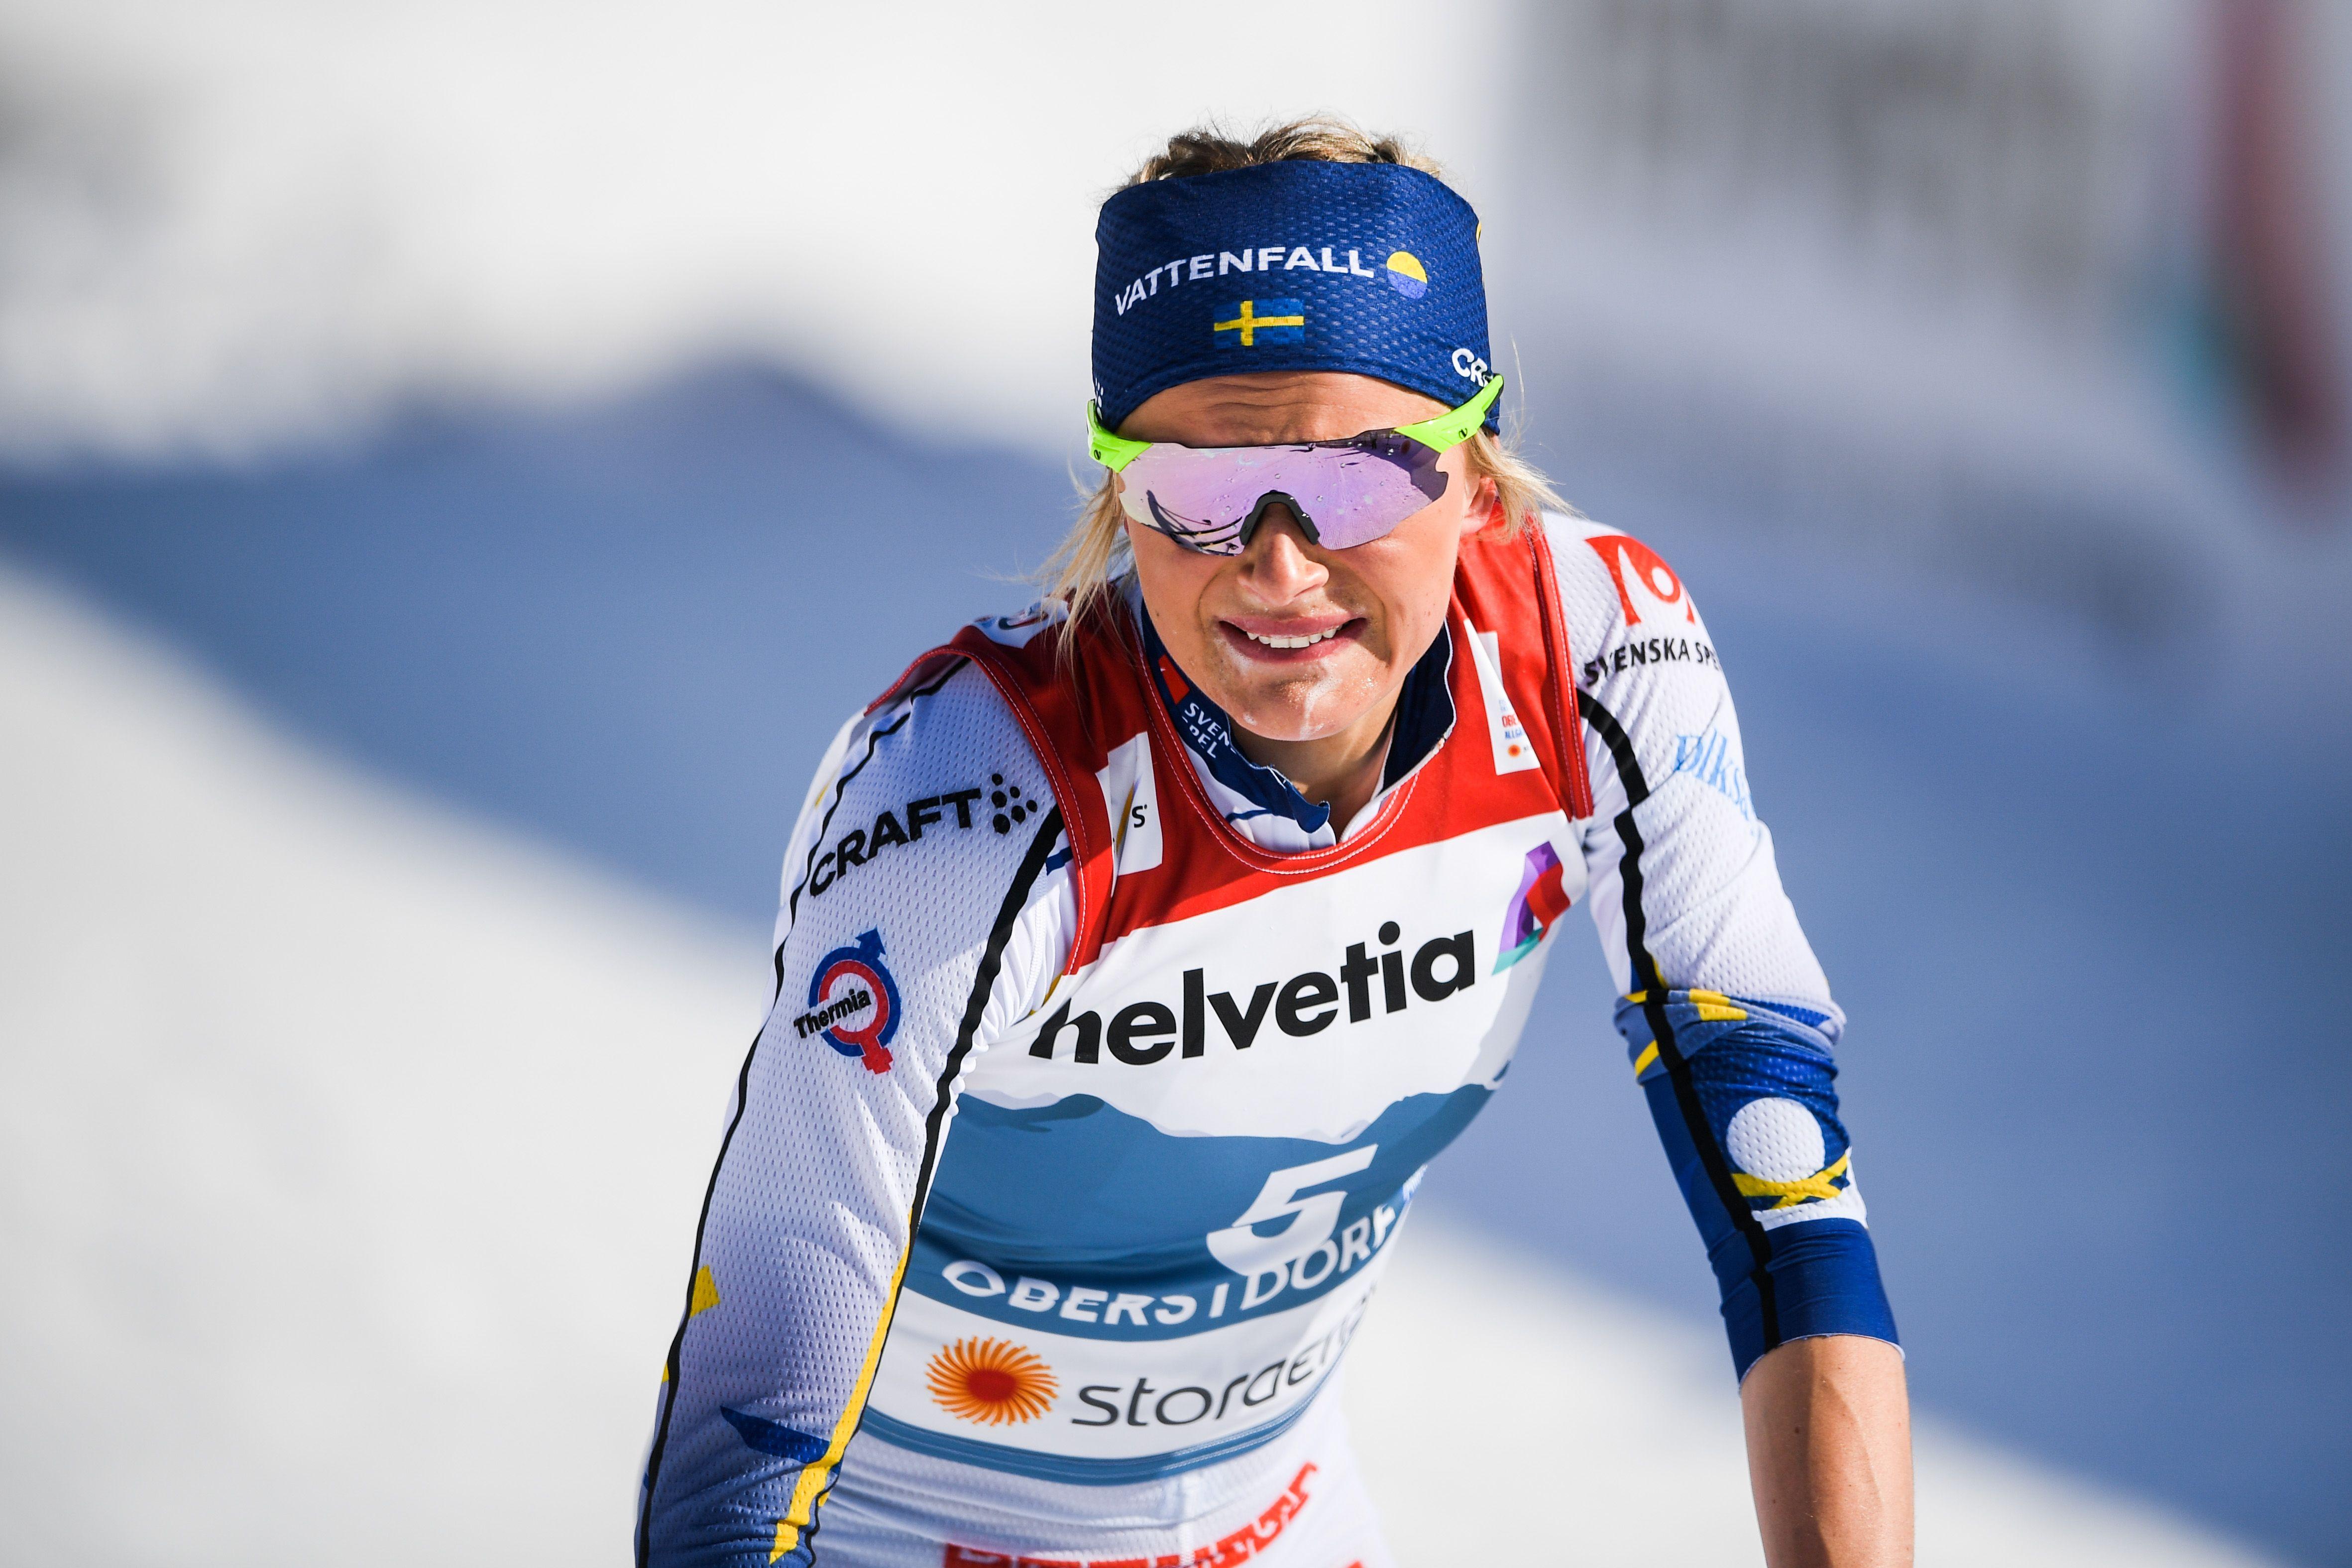 Шведская лыжница попала в больницу после марафона на чемпионате мира